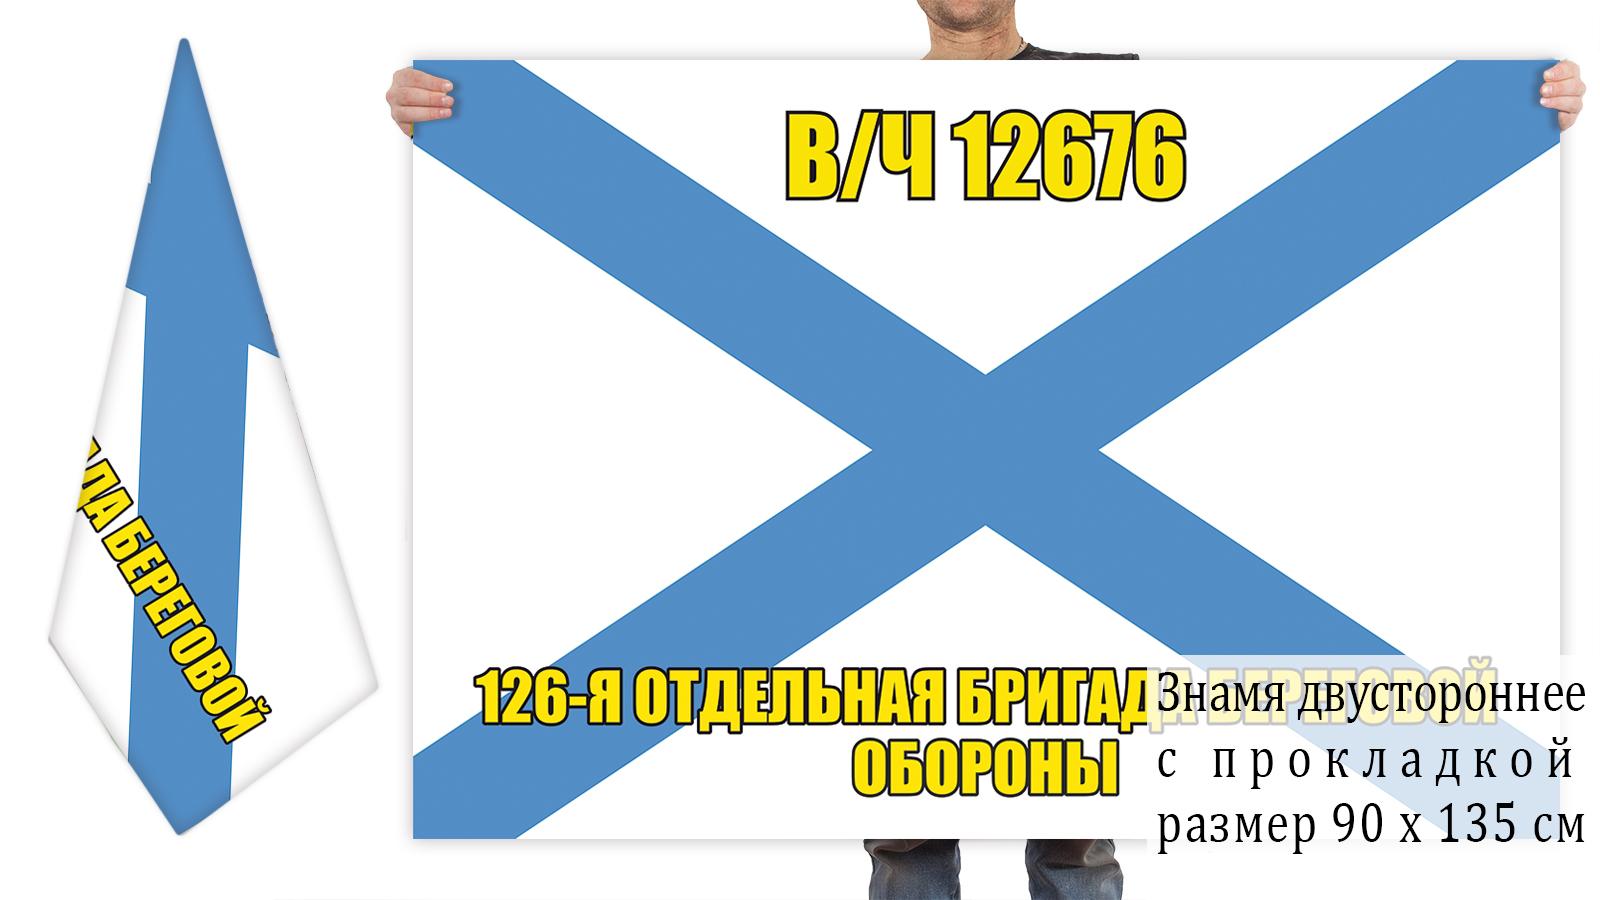 Двусторонний флаг 126 отдельной бригады береговой обороны